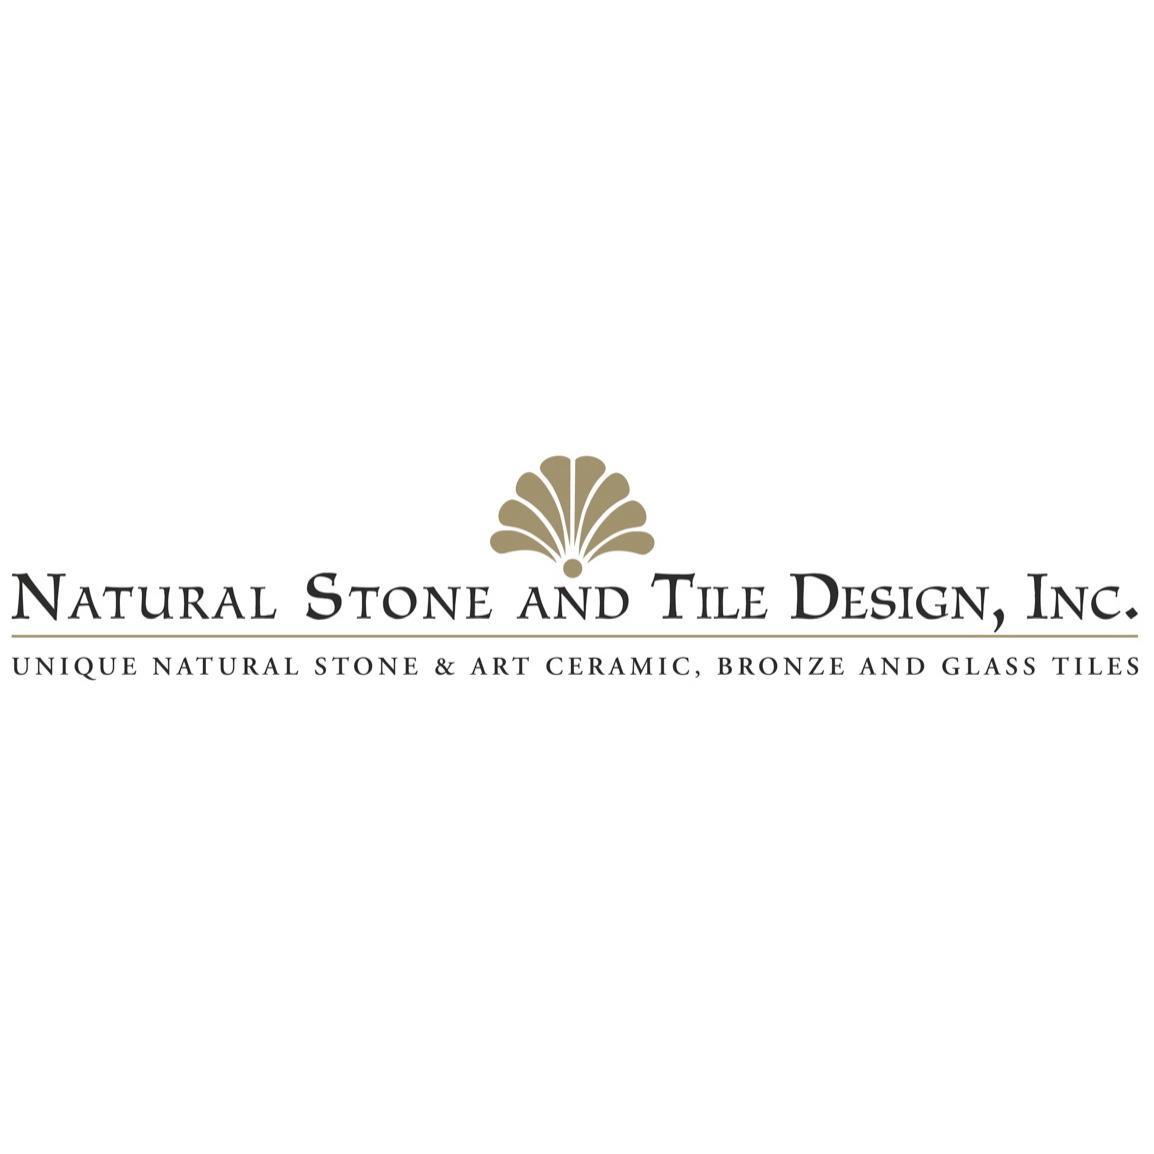 Natural Stone and Tile Design, Inc. - Jupiter, FL - Tile Contractors & Shops